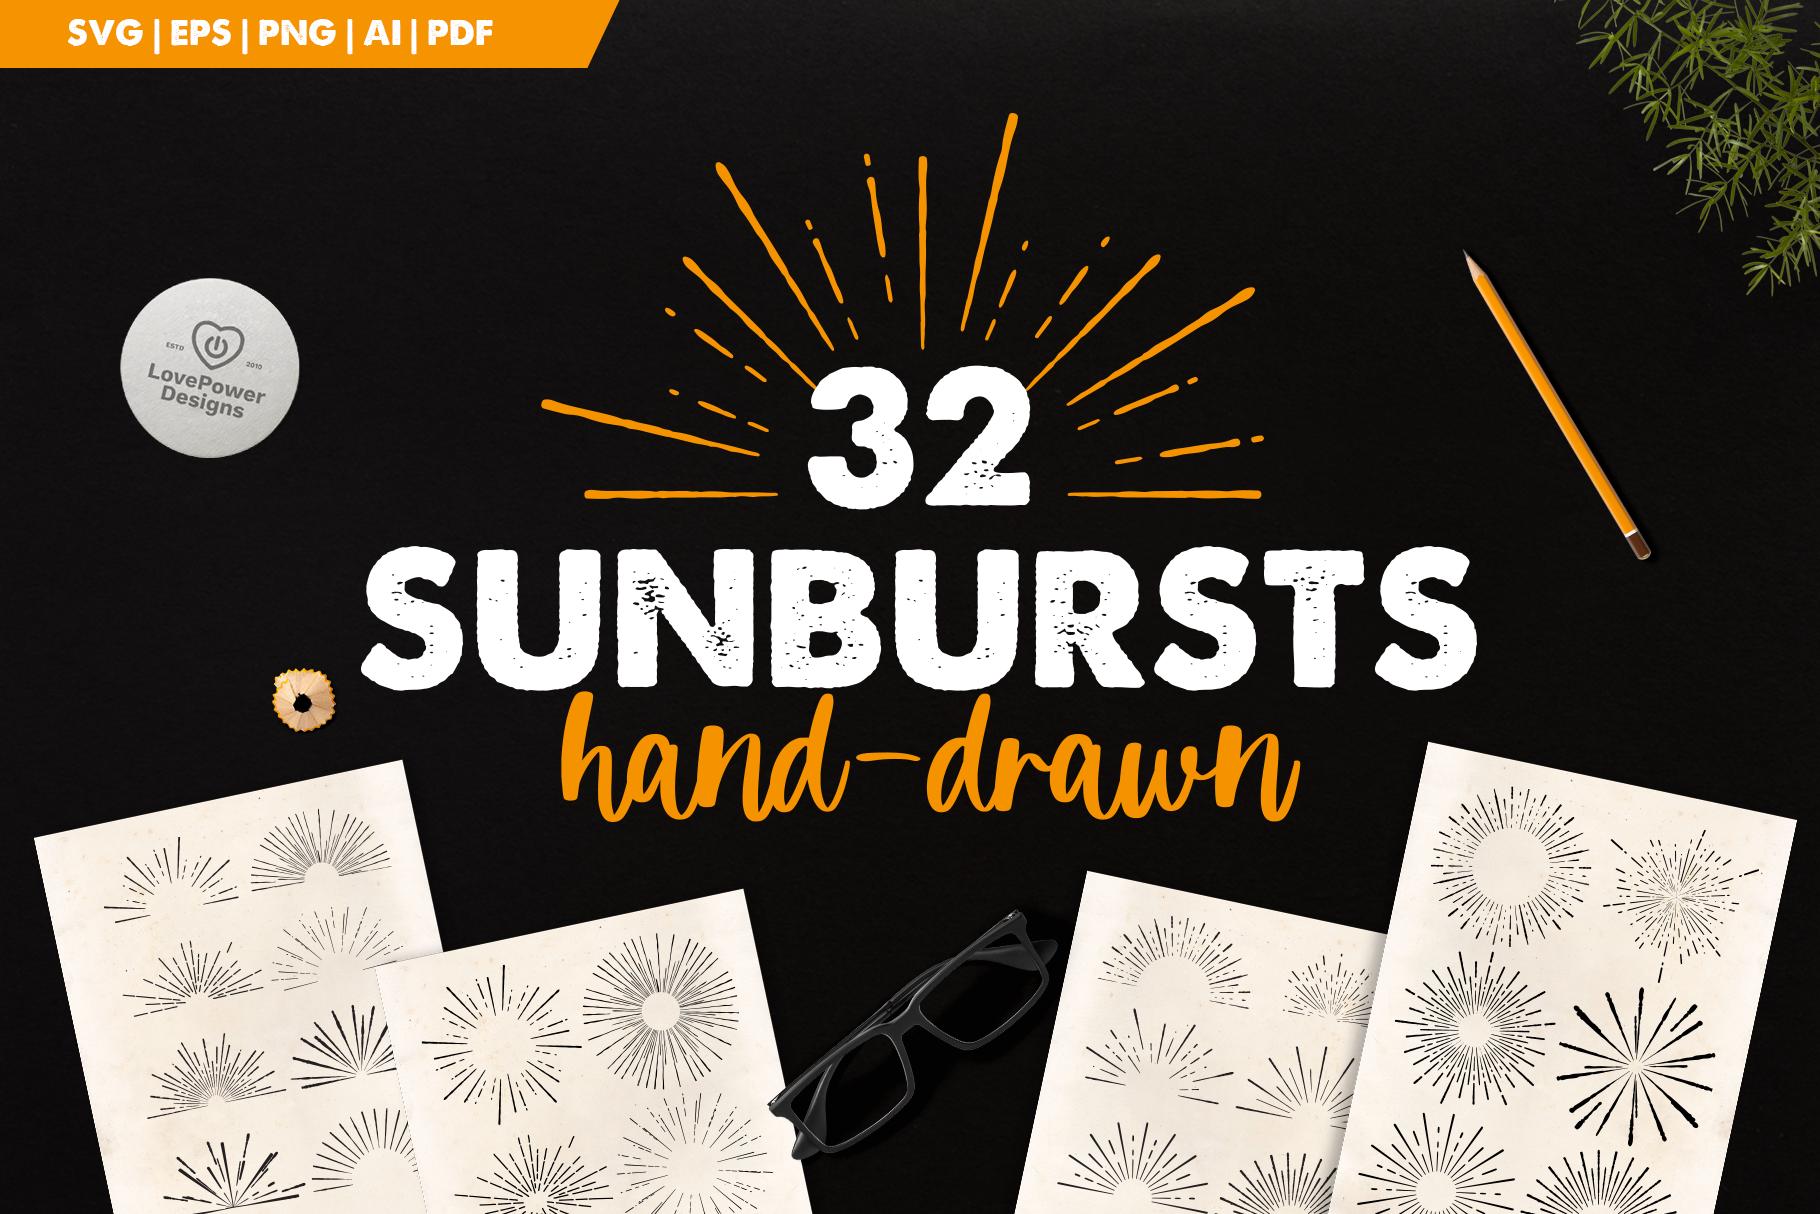 Sunburst Bundle | 32 Sunbursts SVG | Retro Sunbursts